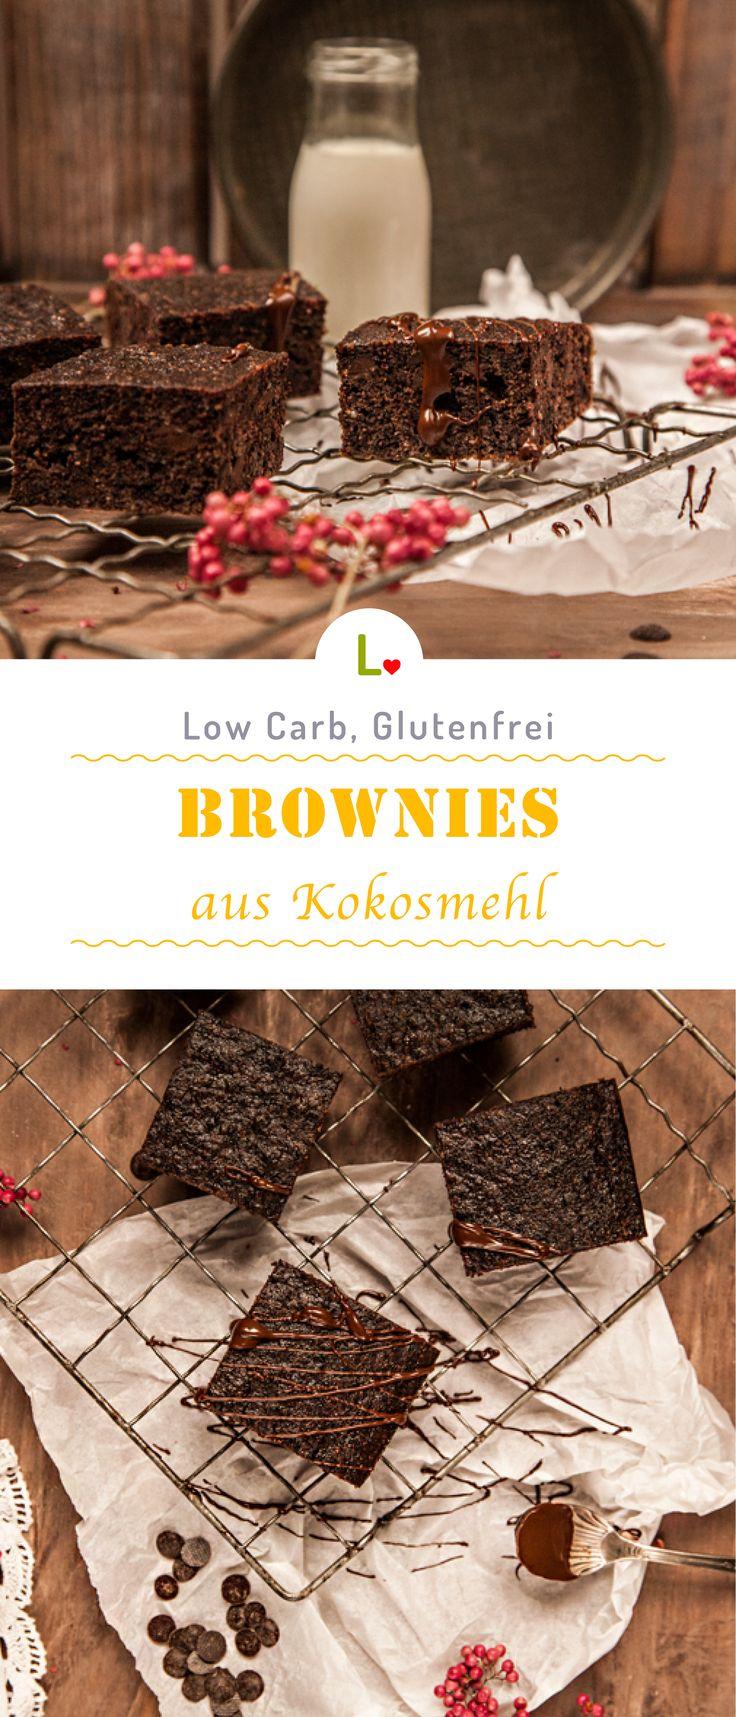 Wer liebt auch so sehr schokoladige Brownies, die sogar noch Low Carb und Glutenfrei sind? Mit diesen Brownie Kuchen Rezept bestehend aus Lizza Kokosmehl, Kakao, Xylit und Schokodrops habt ihr eine leckere Nascherei. Für weitere Rezepte besucht unsere Seite: https://lizza.de/pages/rezepte